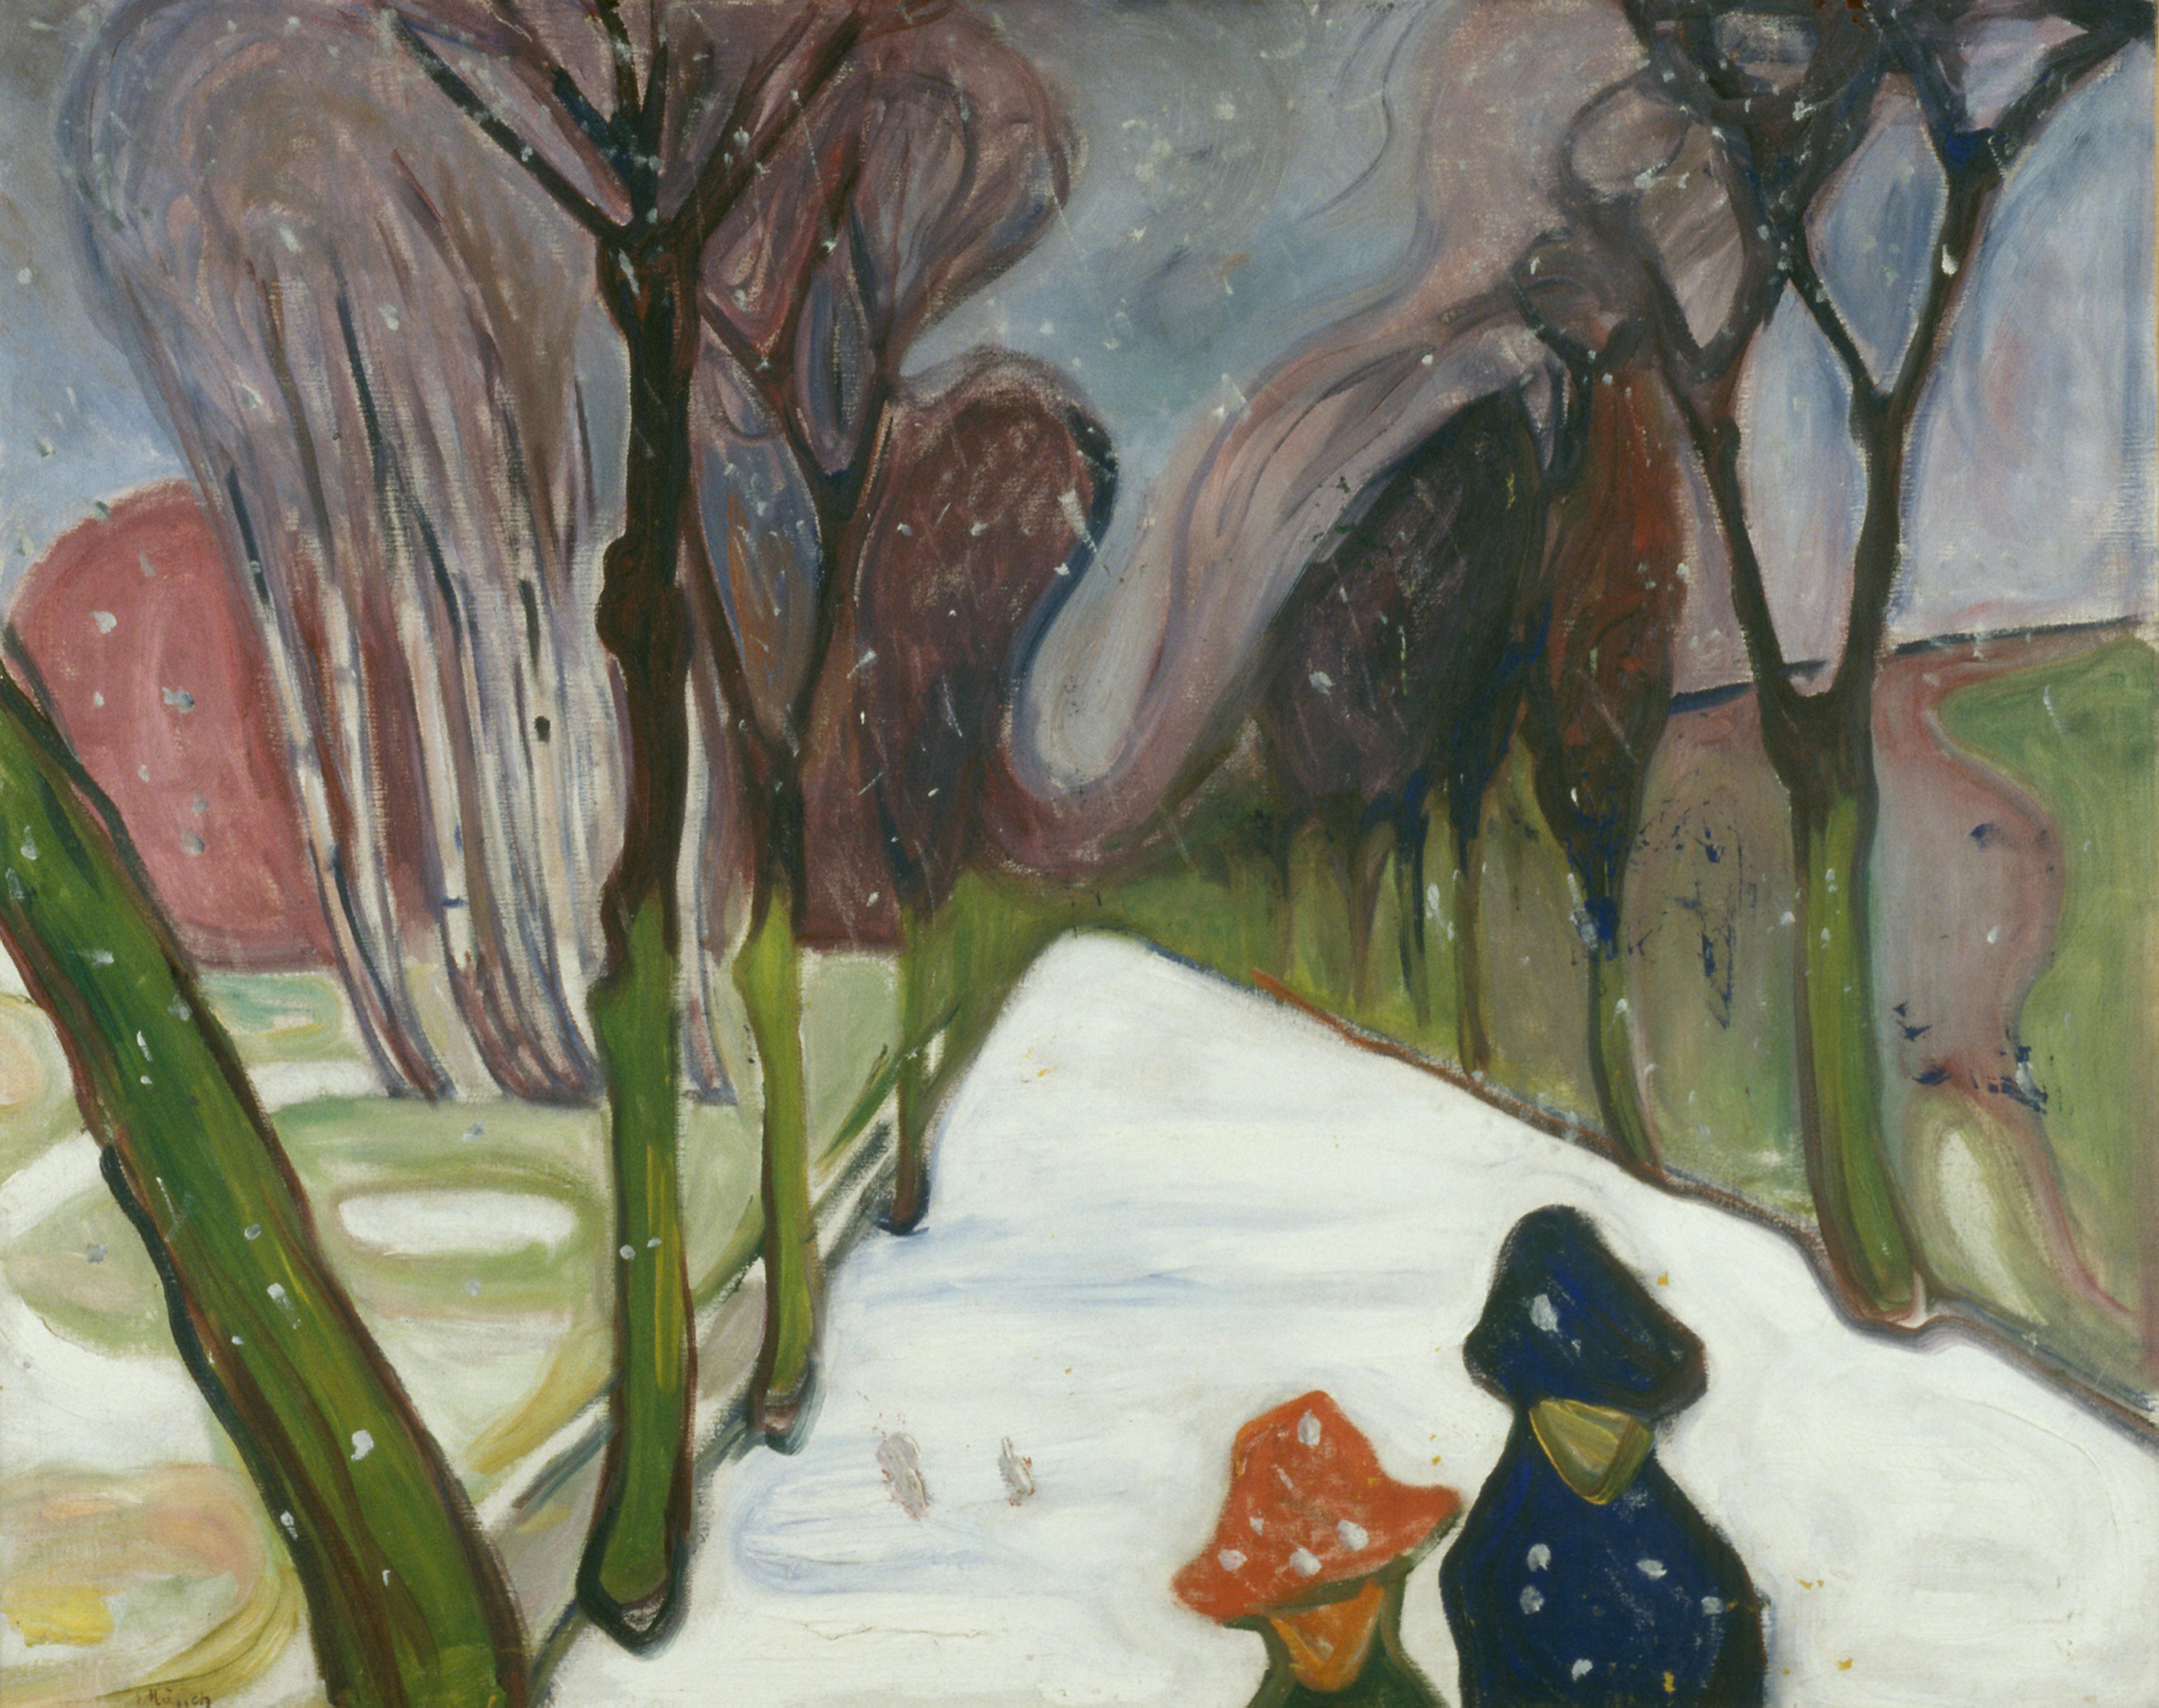 A sikoly a világ legismertebb képei közé tartozik. Az alkotó havas festményét kevesebben ismerik. Ki ő?